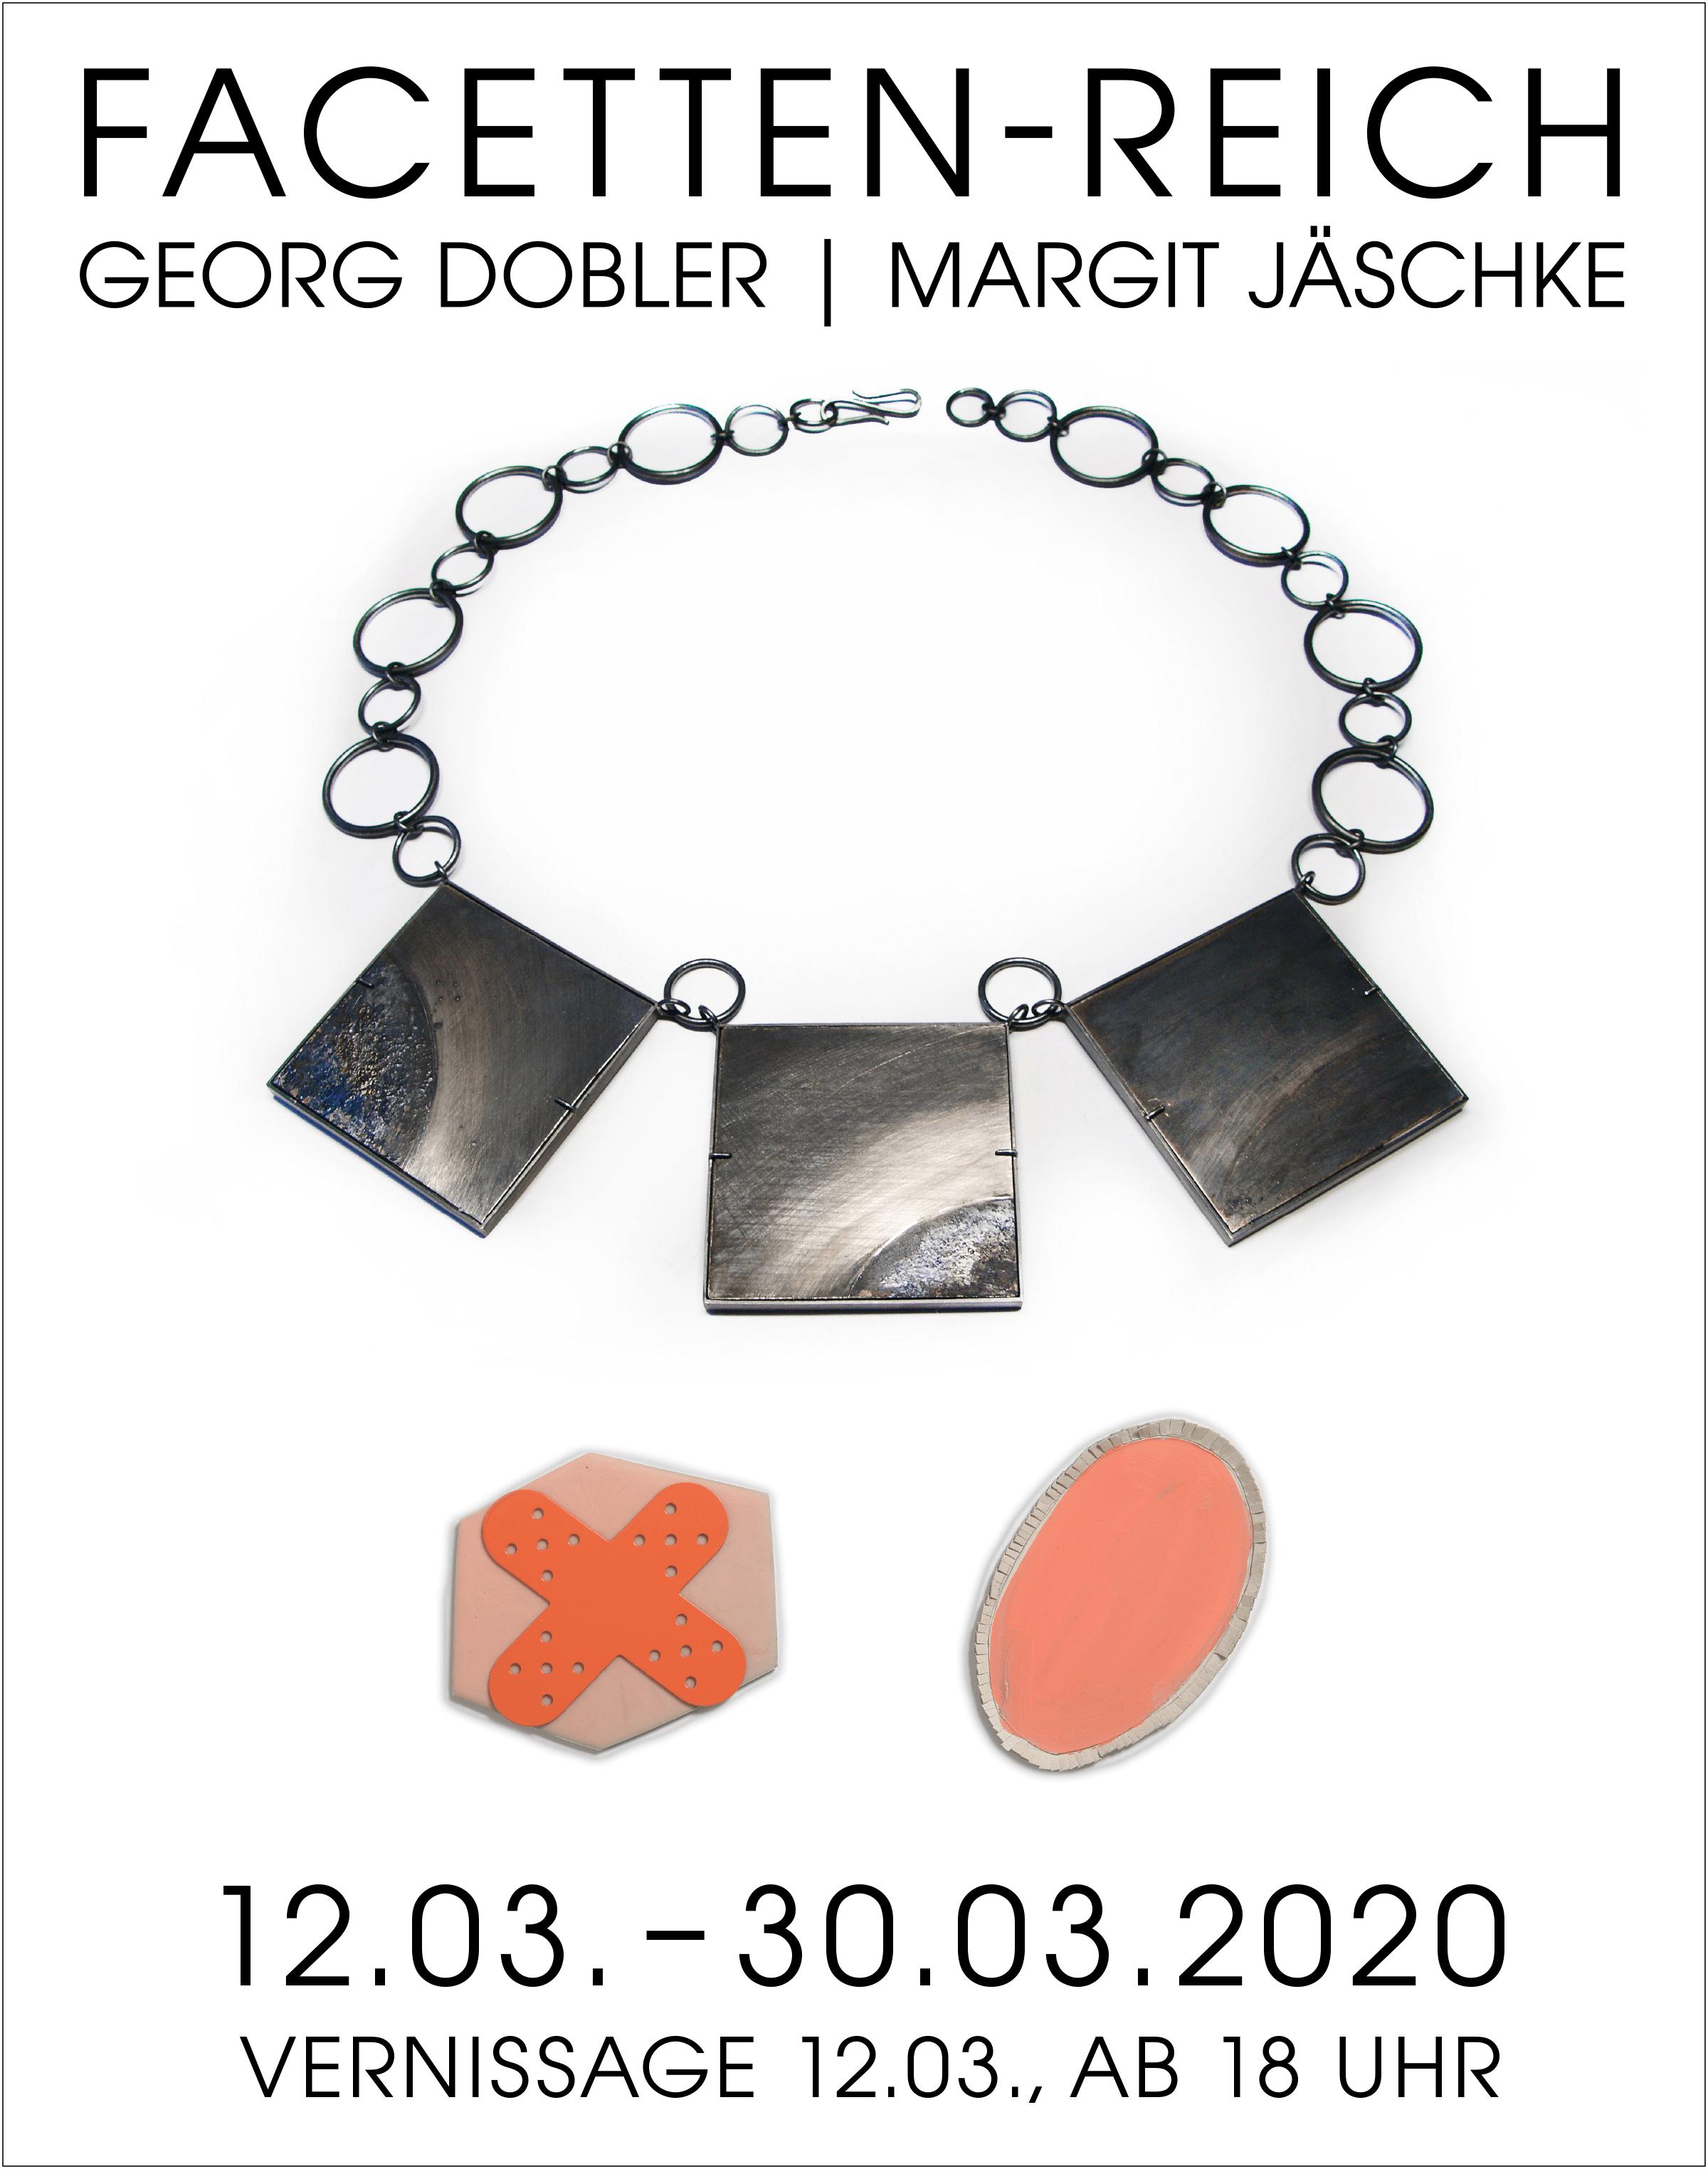 FACETTEN-REICH GEORG DOBLER & MARGIT JÄSCHKE